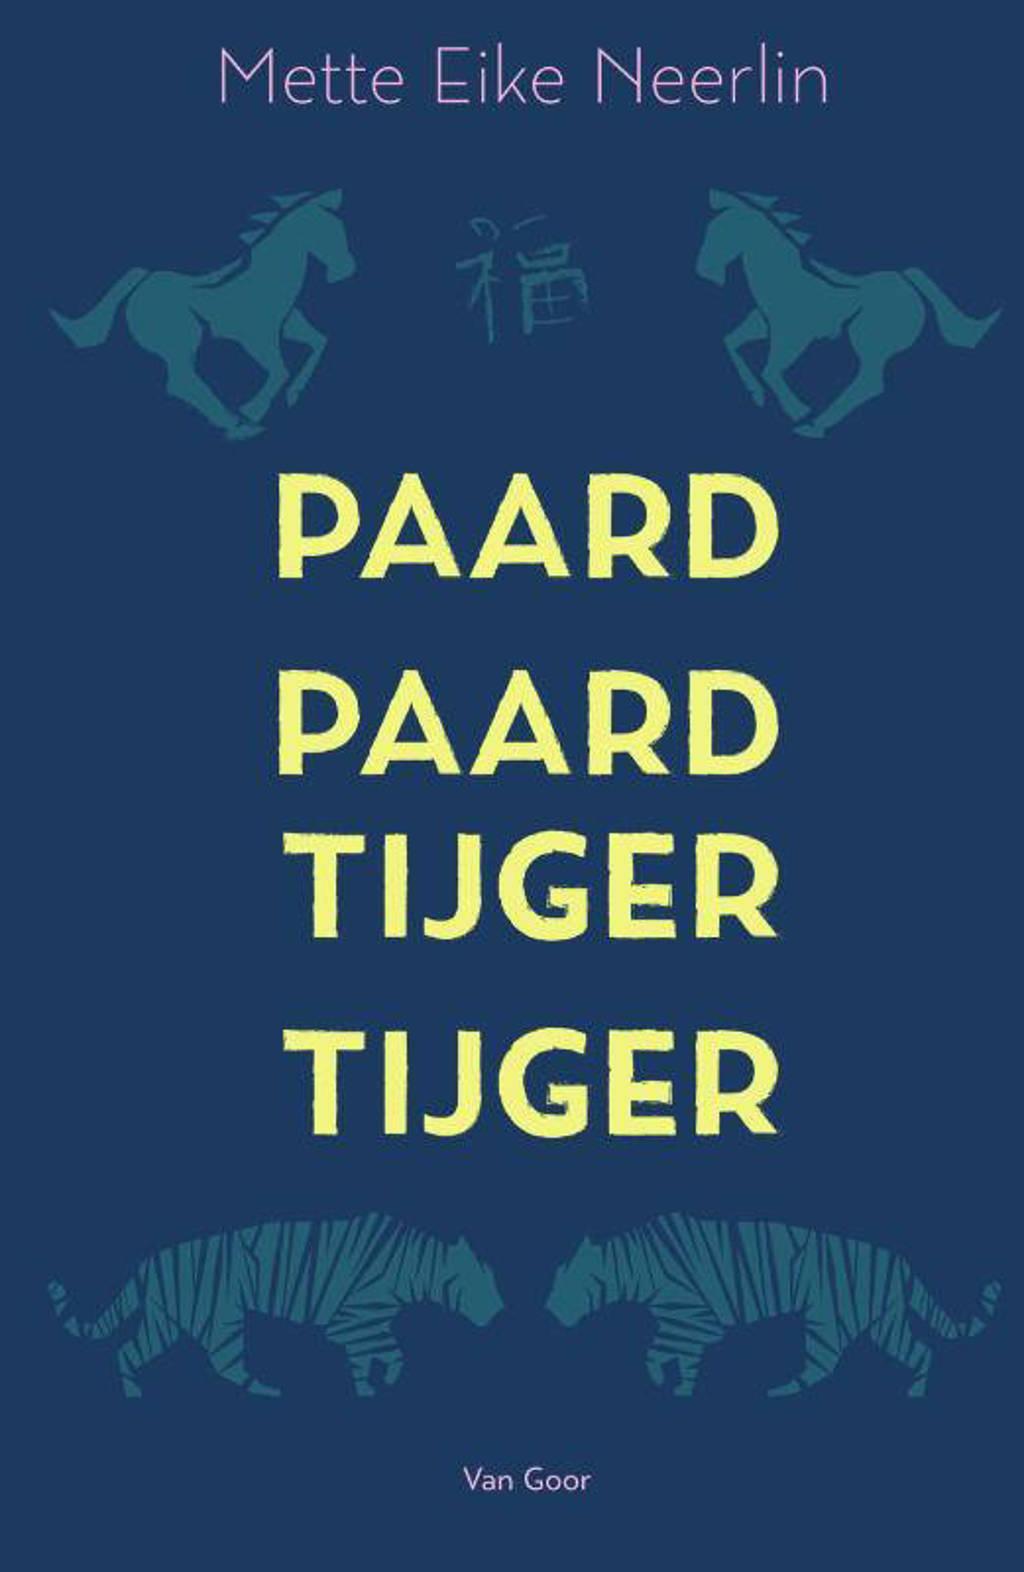 Paard, paard, tijger, tijger - Mette Eike Neerlin